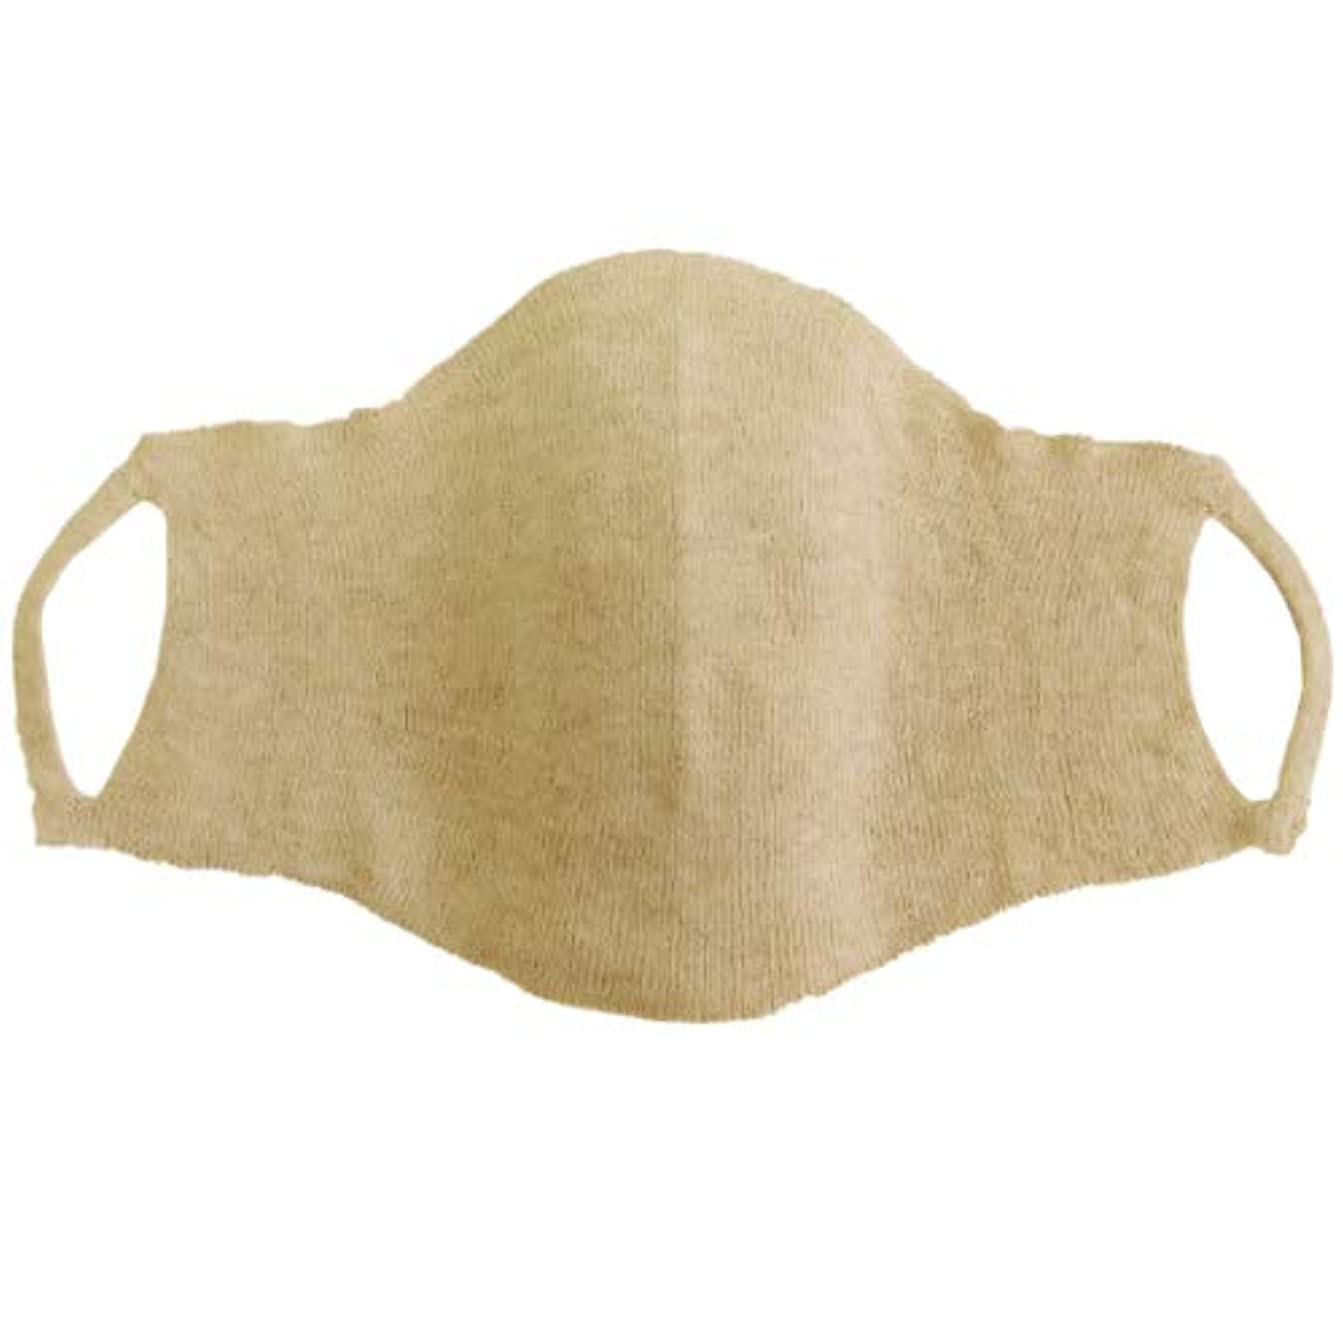 混合月曜日つぶす【オーガニックコットン100%】無縫製 保湿 綿100% おやすみマスク ホールガーメント® 日本製 工場直販 セット販売(10枚組) 4046《7241》